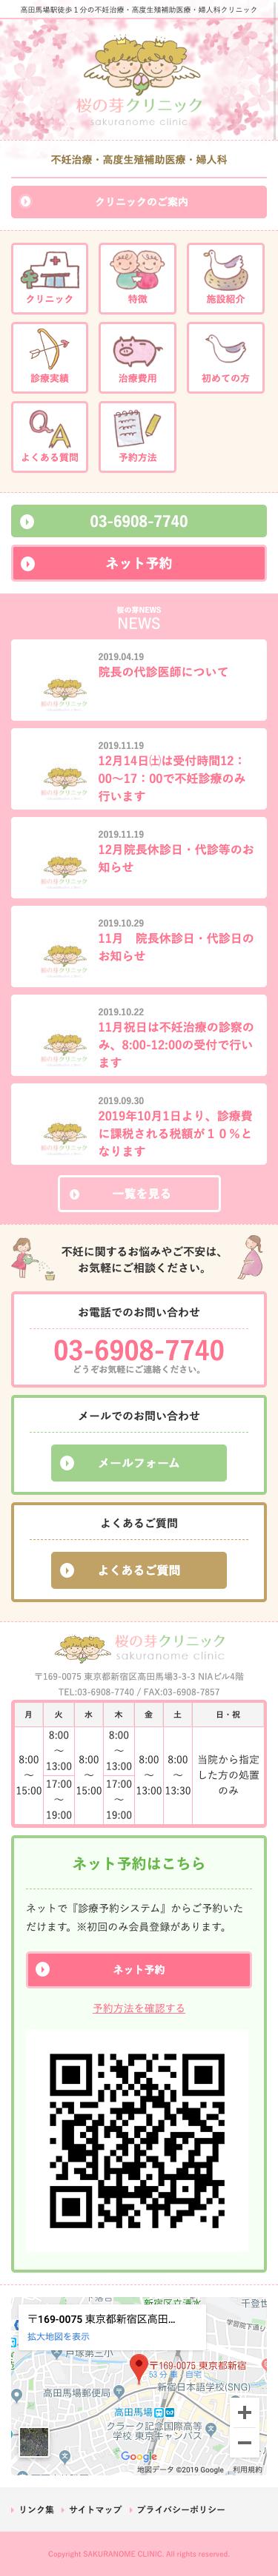 桜の芽クリニック|婦人科クリニック / コーポレートサイト